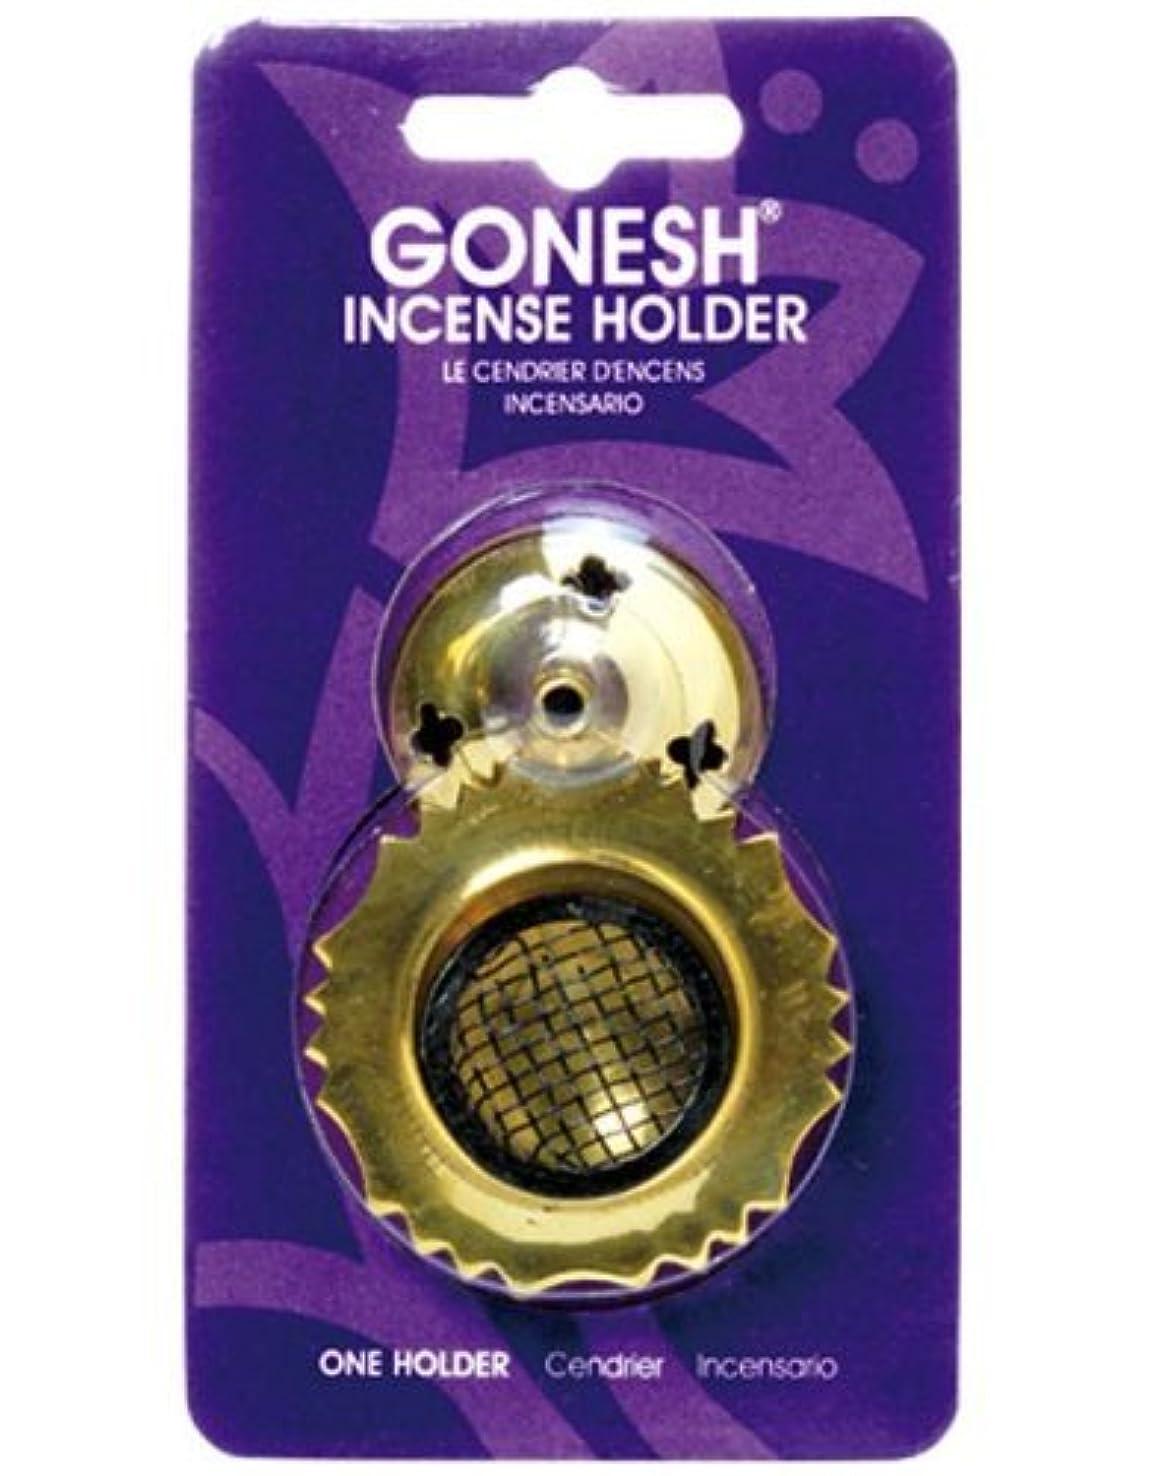 輪郭反対に全滅させるガーネッシュ(GONESH) インセンスホルダー メッシュブラス (お香立て)